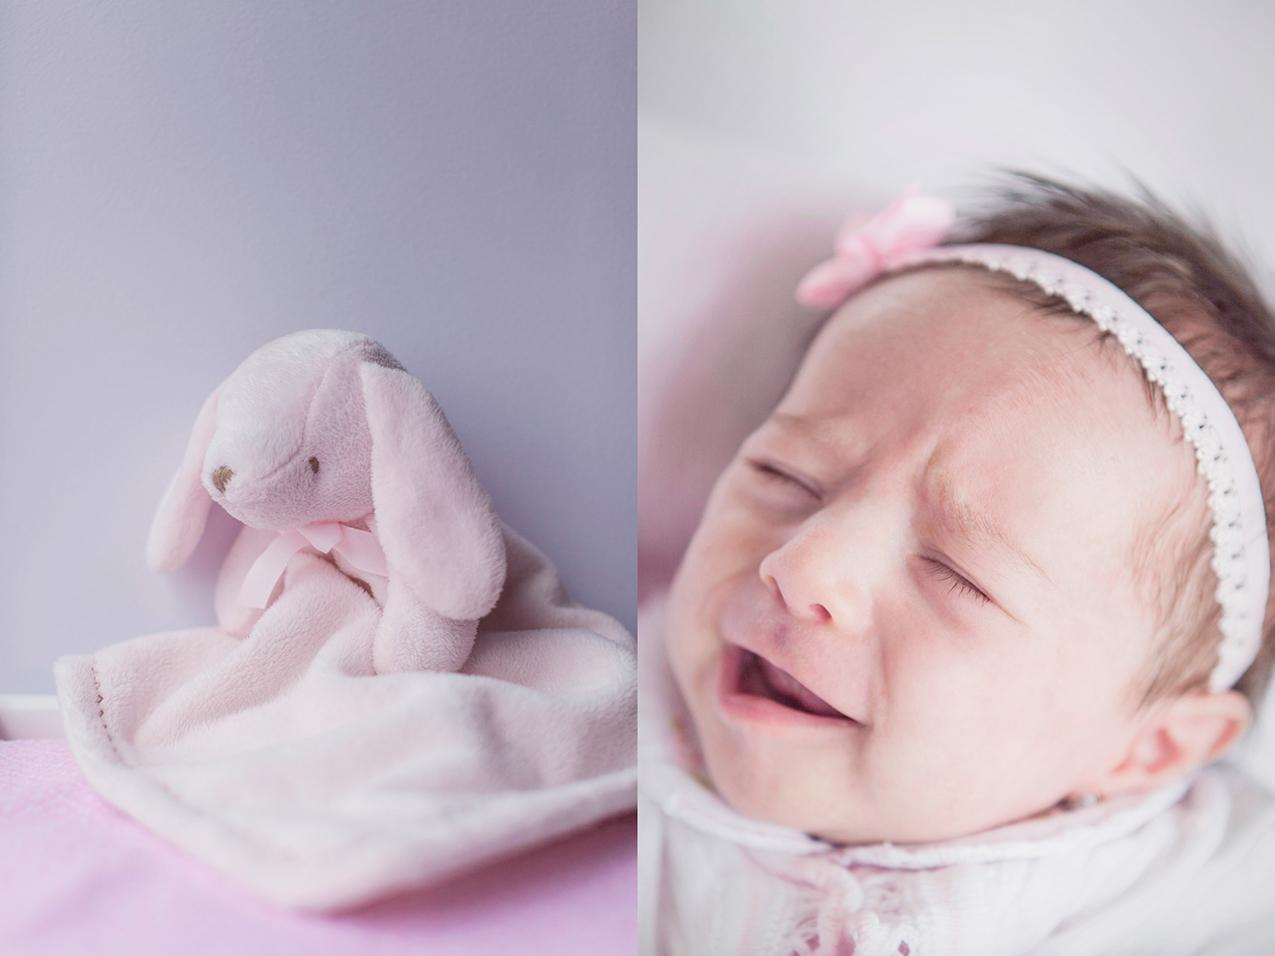 01fotografia-de-niños-bebes-recien-nacido-embarazo-retratos.jpg